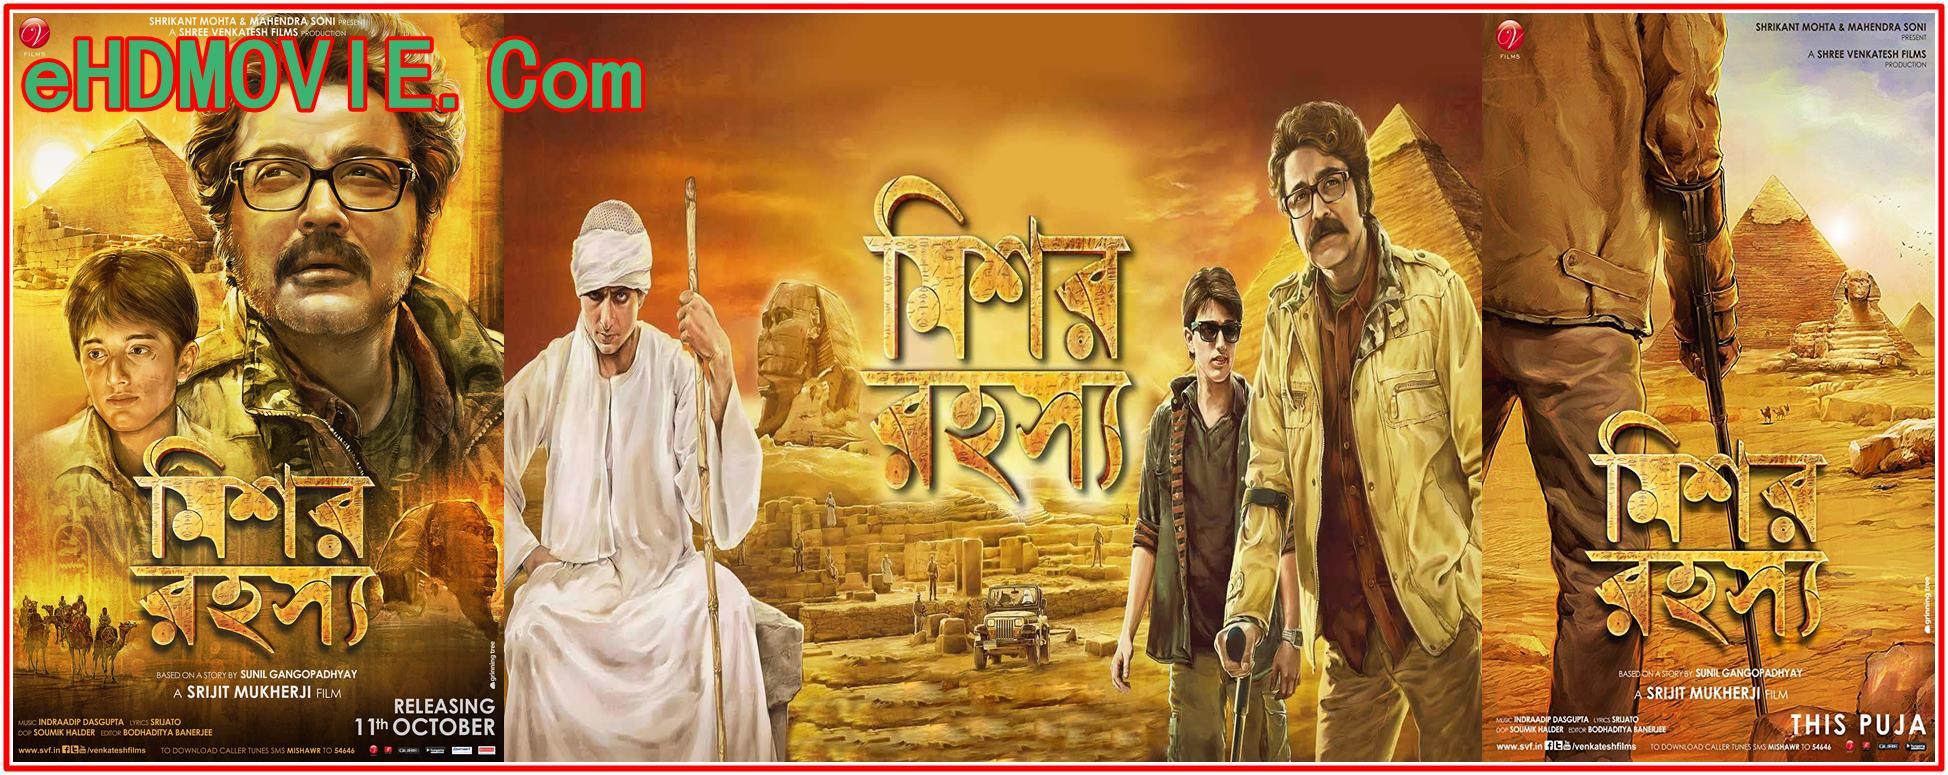 Mishawr Rawhoshyo 2013 Bengali Full Movie Original 480p - 720p ORG WEB-DL 550MB - 1GB